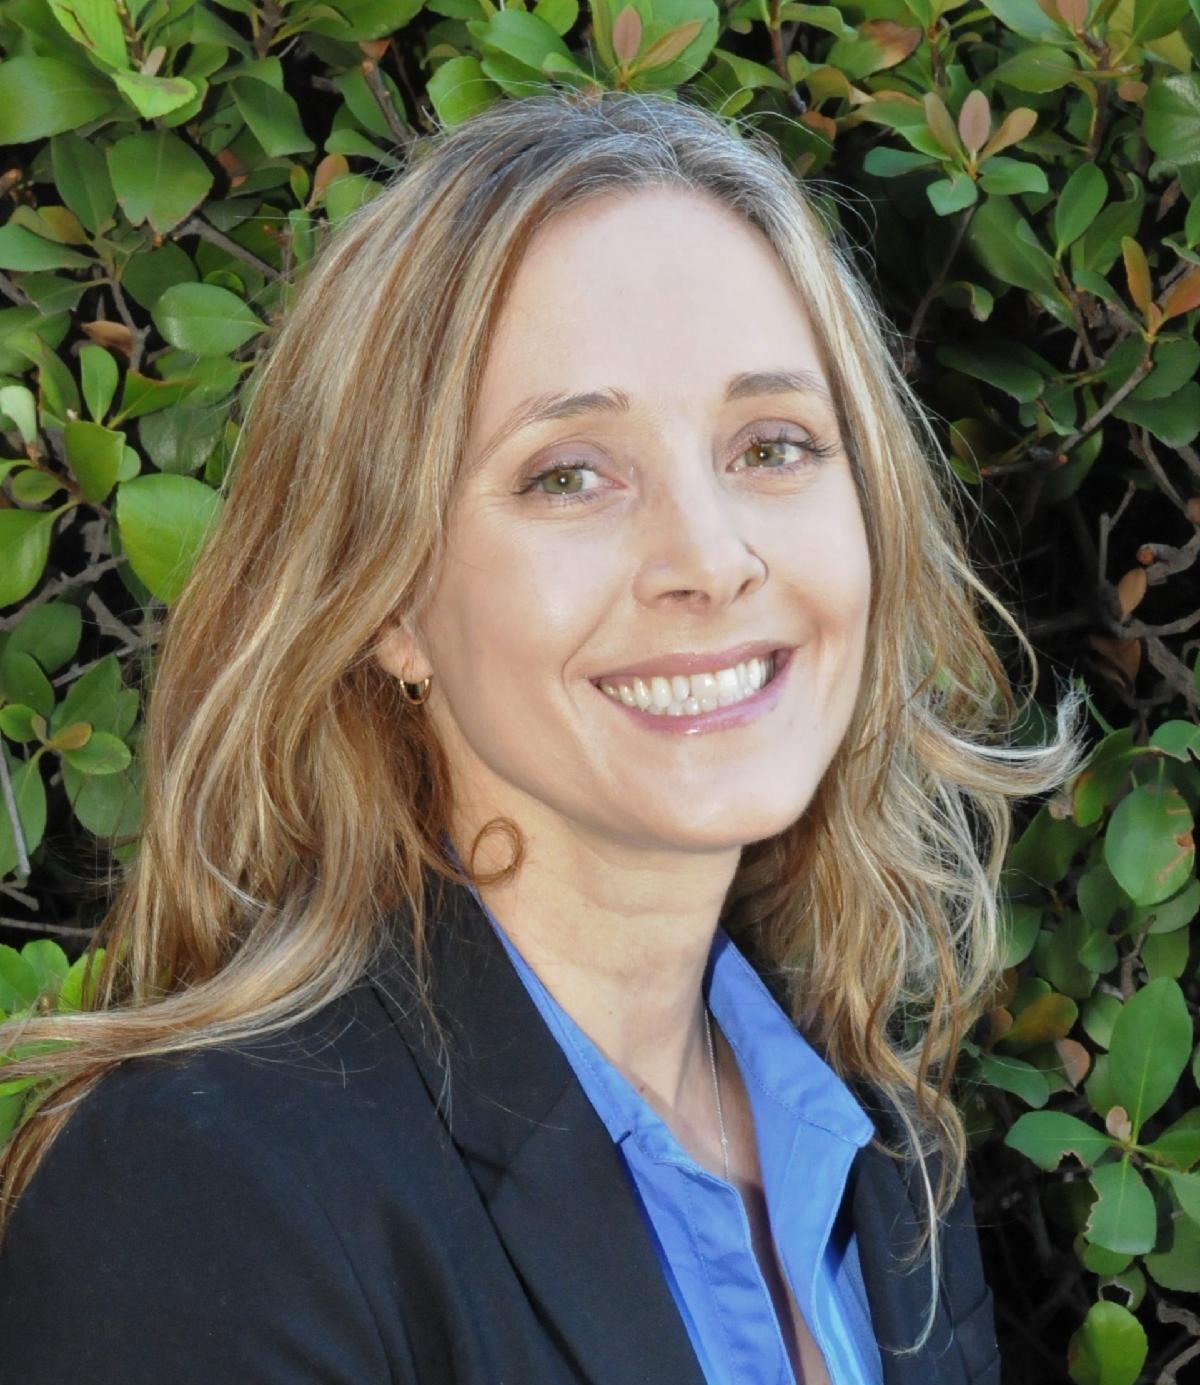 Headshot of Rebecca Hartzell